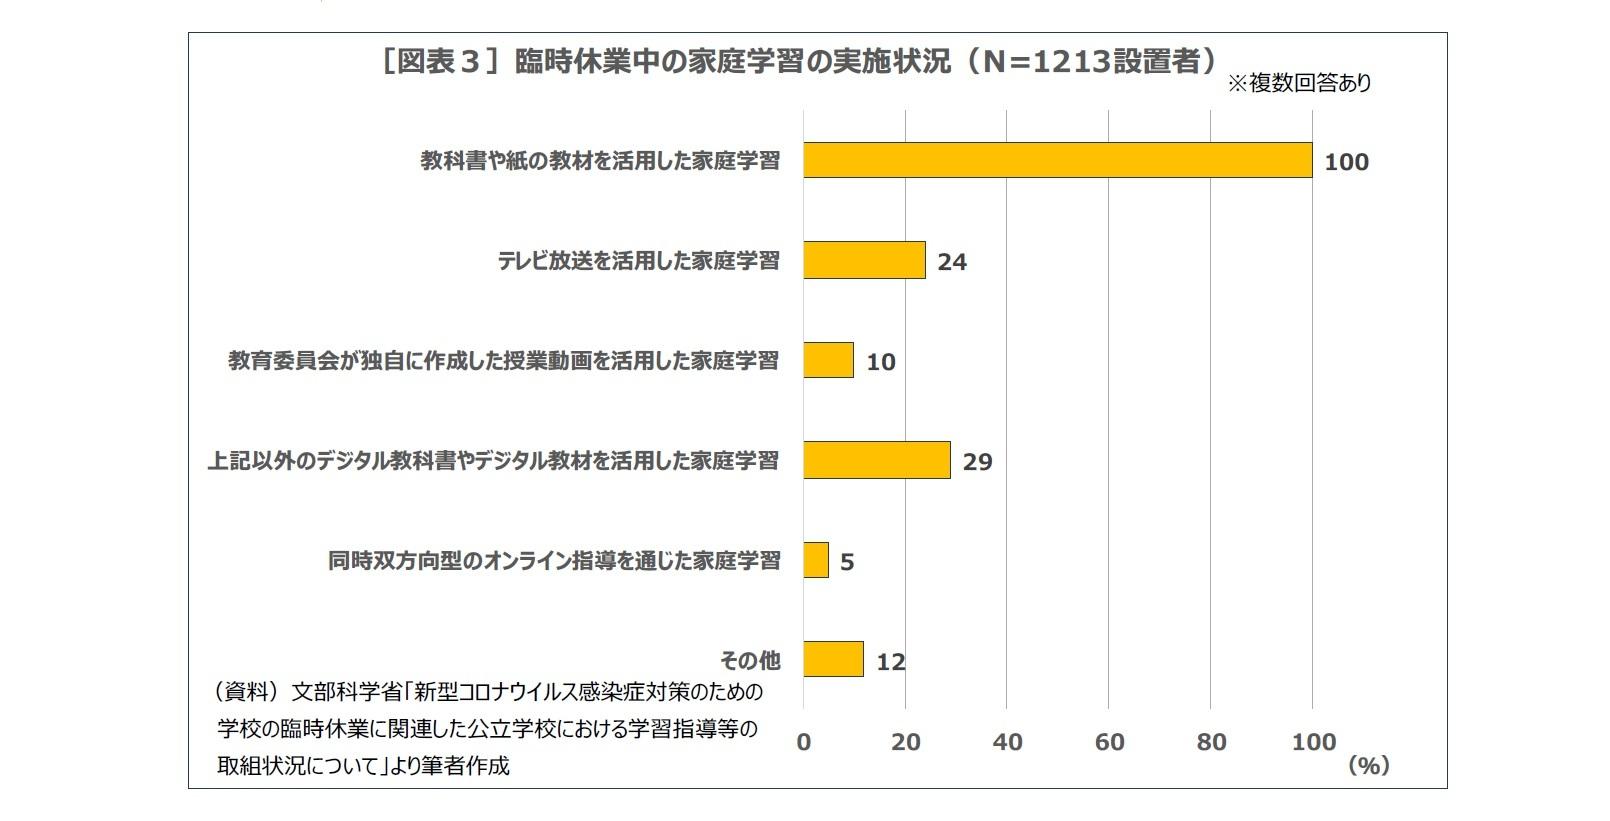 [図表3]臨時休業中の家庭学習の実施状況(N=1213設置者)